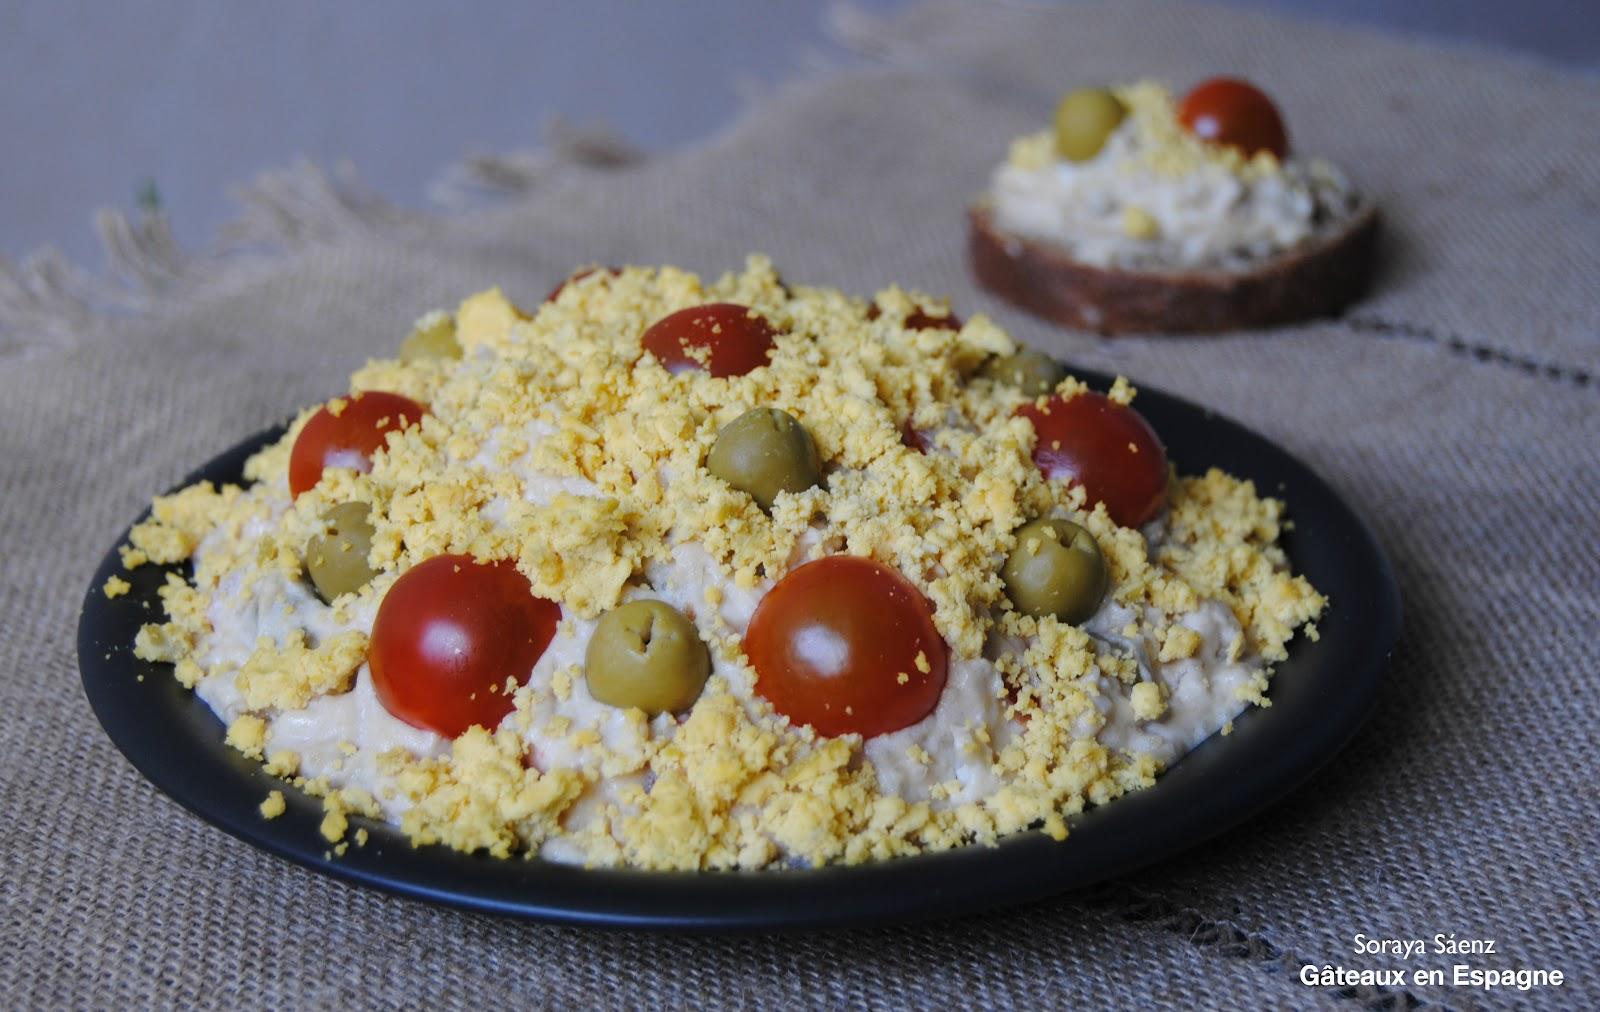 G teaux en espagne salade russe - Pourquoi on ne coupe pas la salade ...